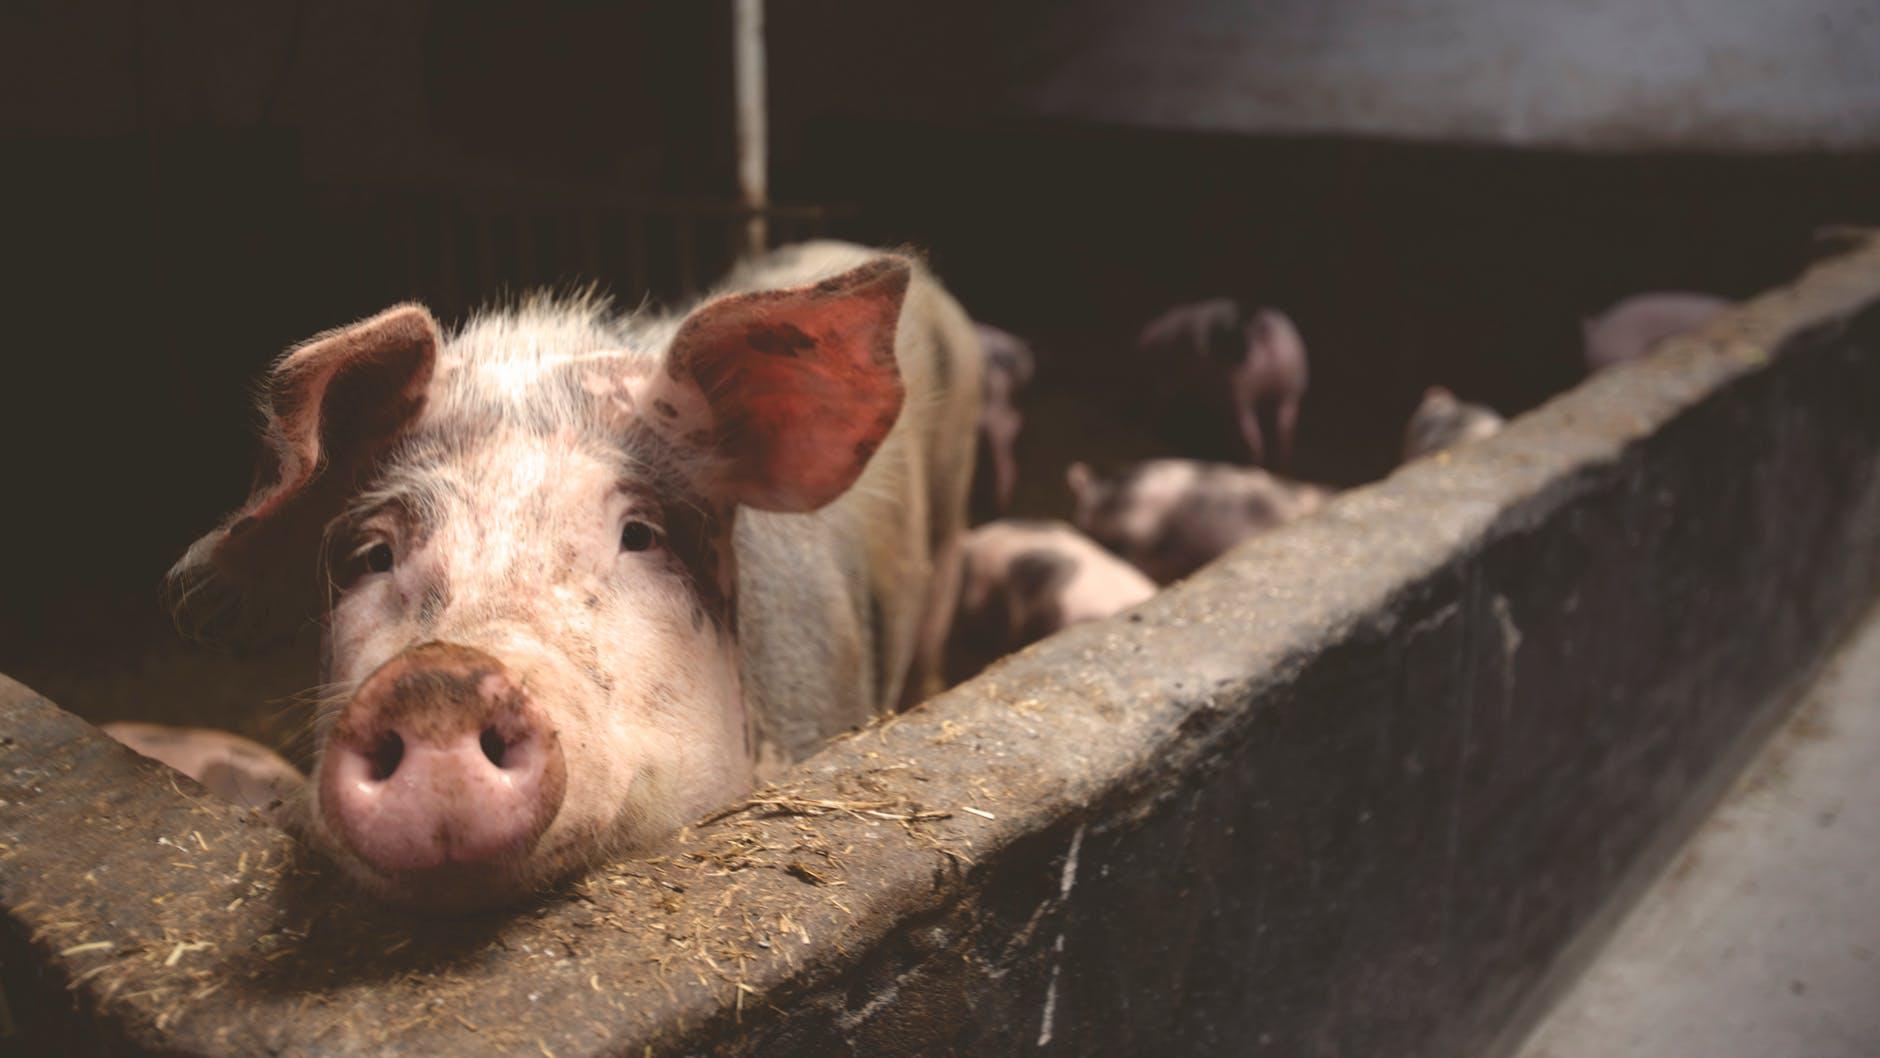 suíno na baia, epidemia de peste suína africana, suinos